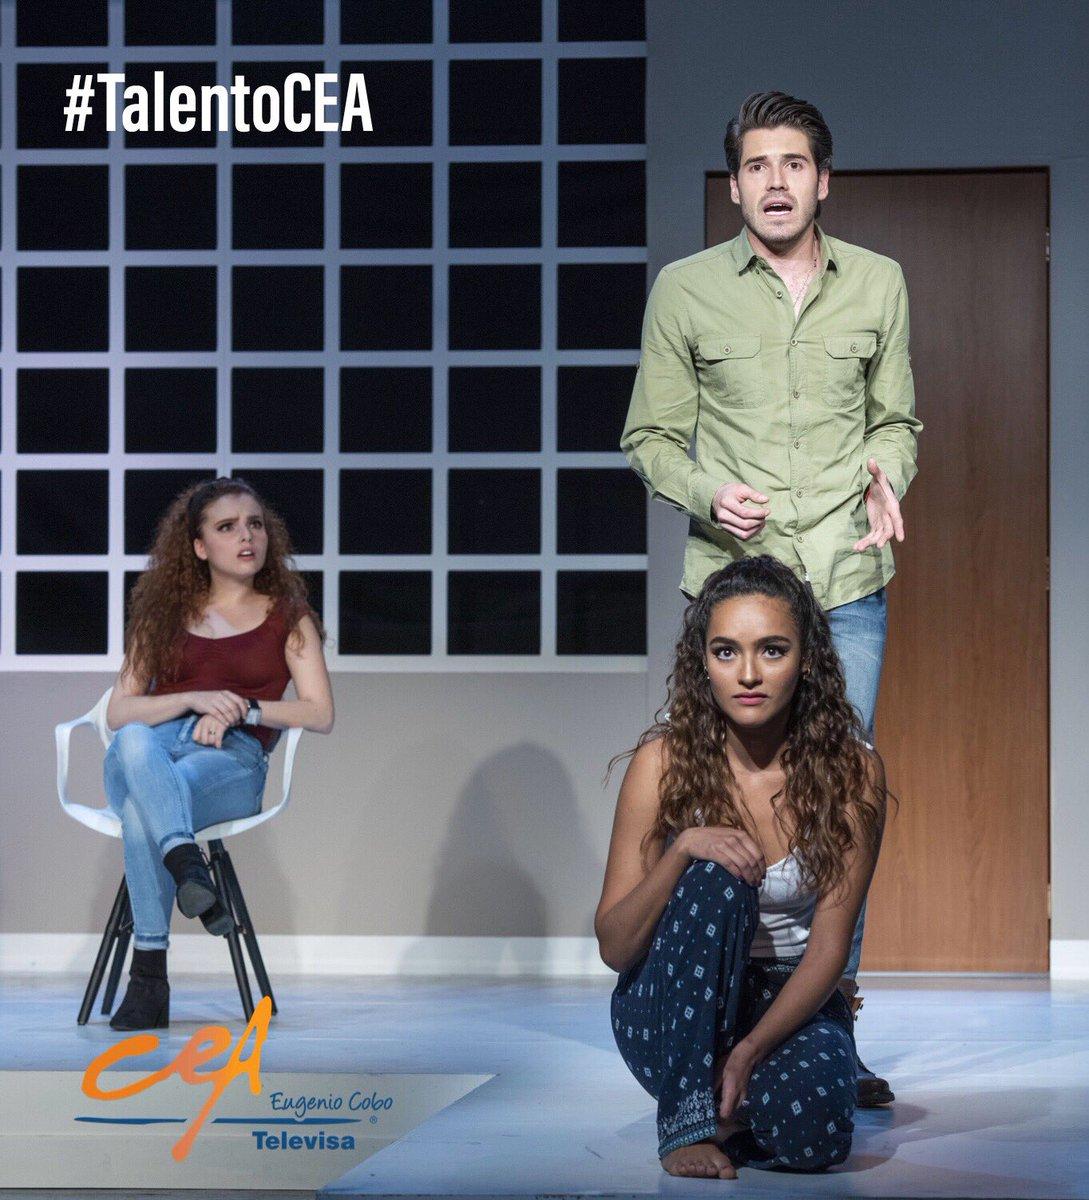 CEA Televisa on Twitter: